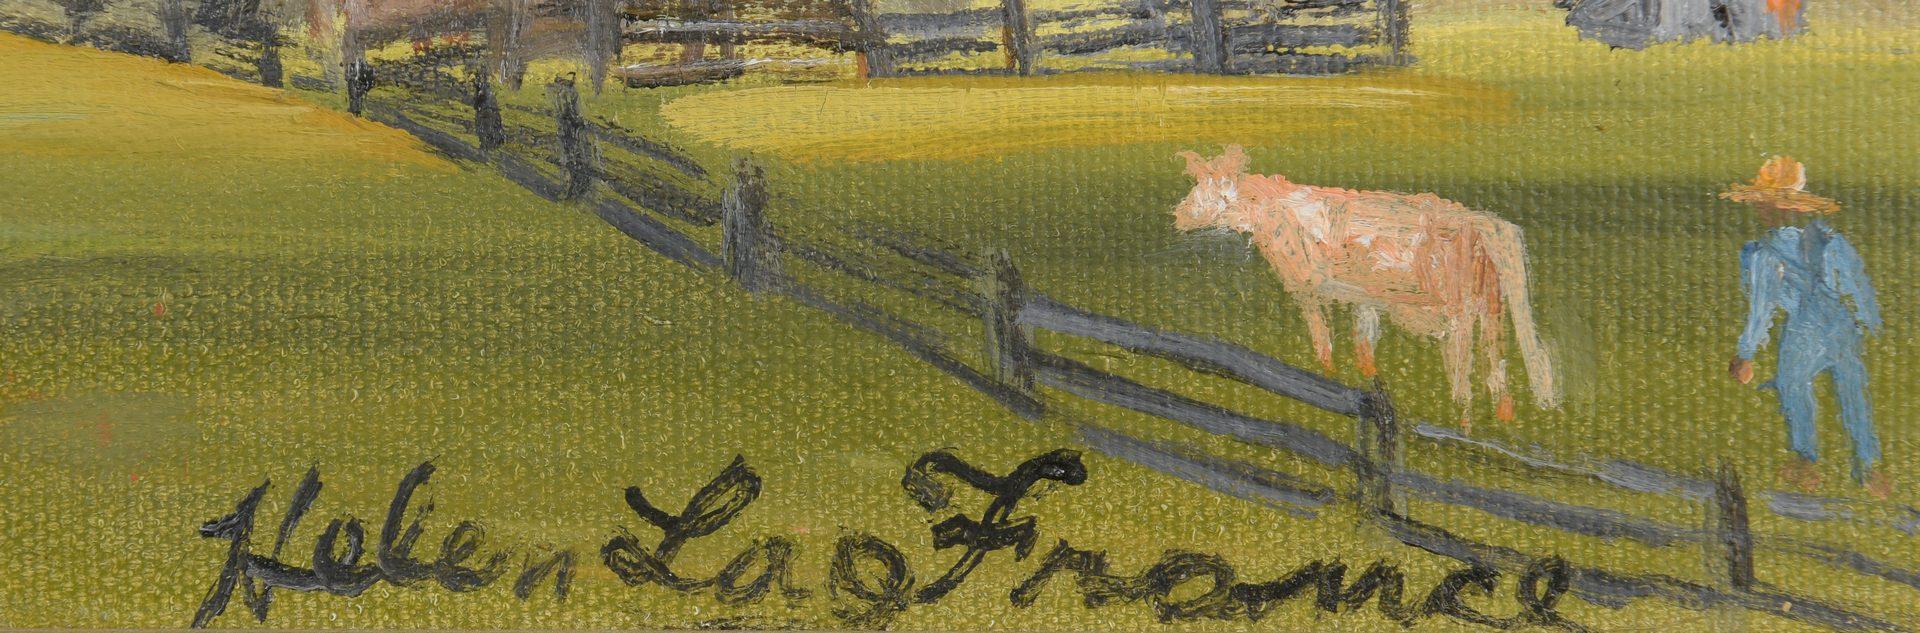 Lot 470: Helen LaFrance o/c, Farm Scene